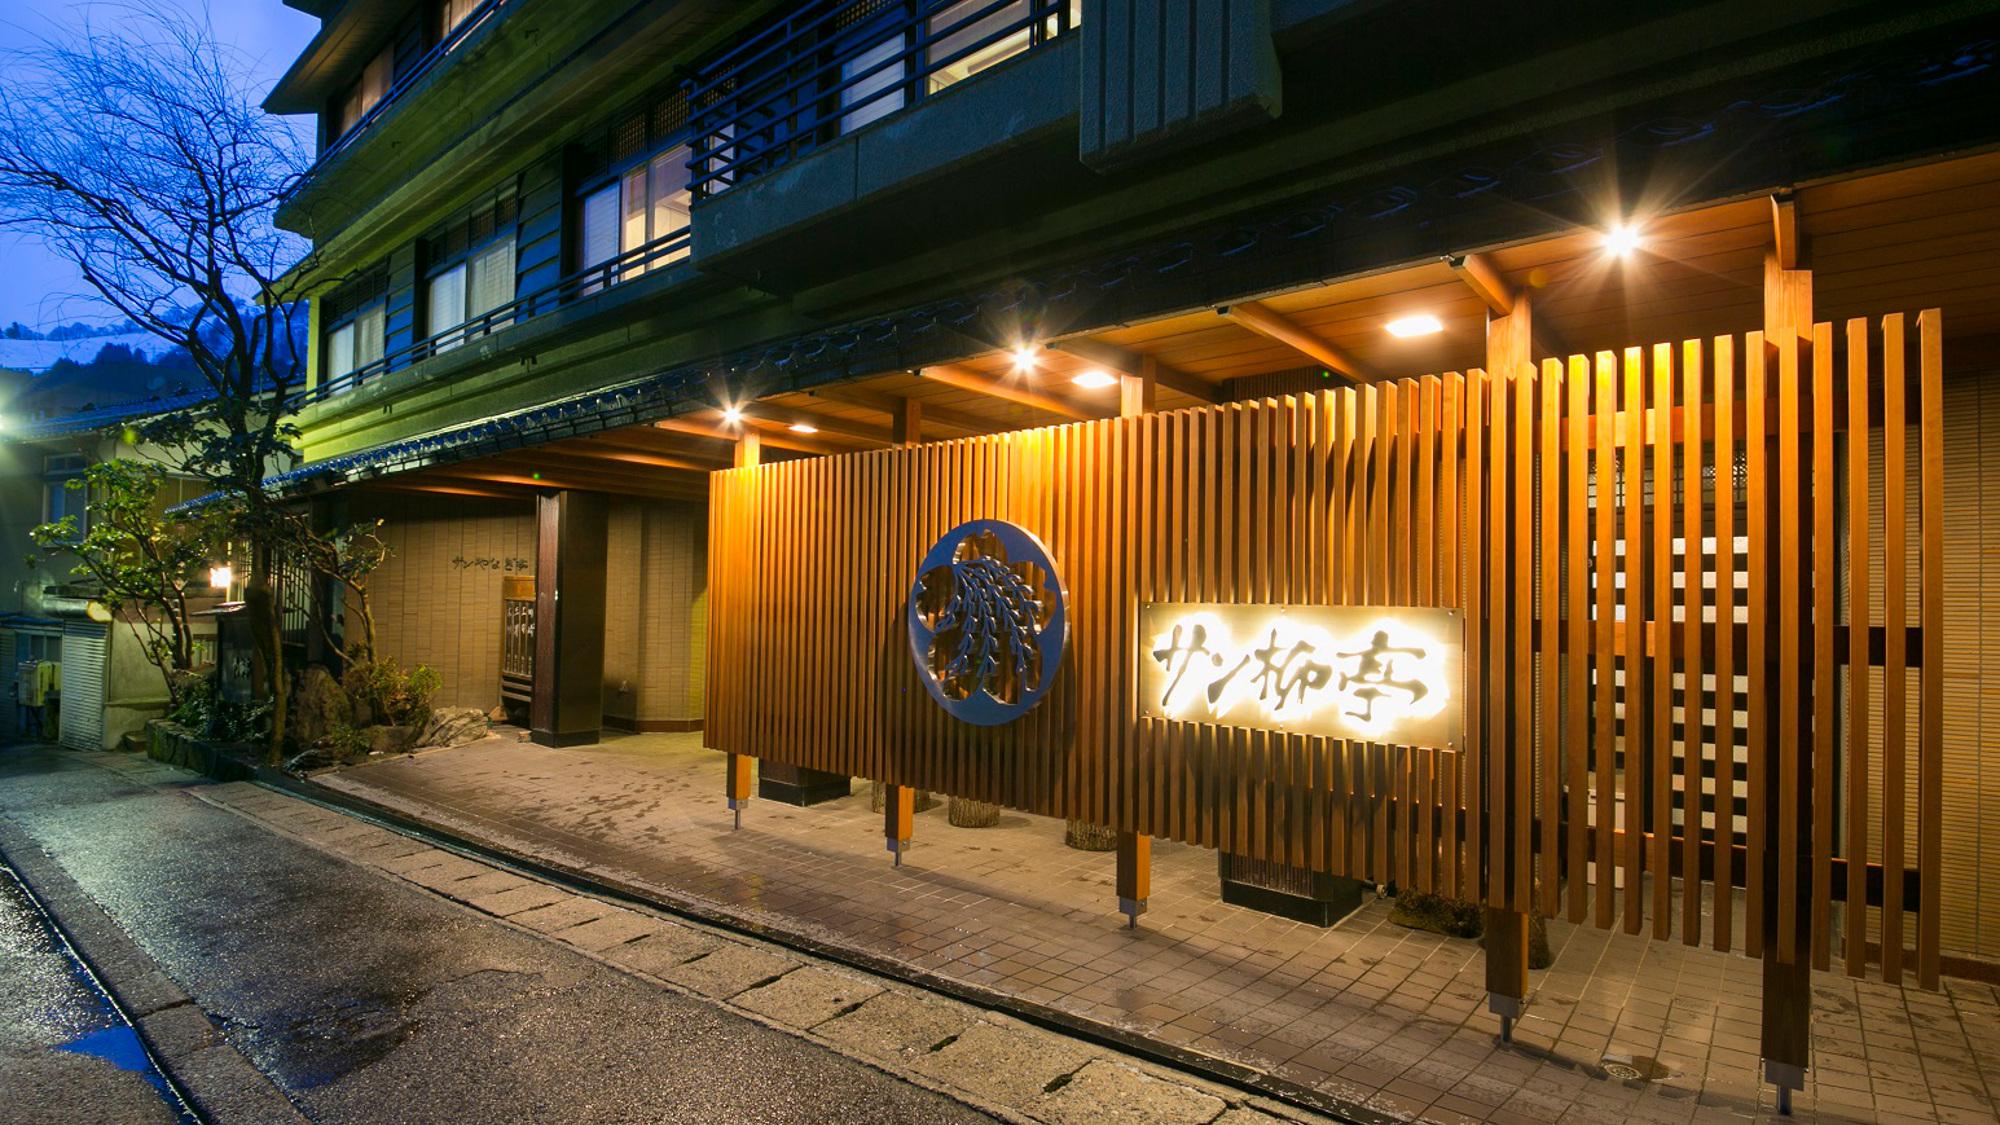 3月に夫婦で宇奈月温泉に行くので、落ち着きある宿を教えてください